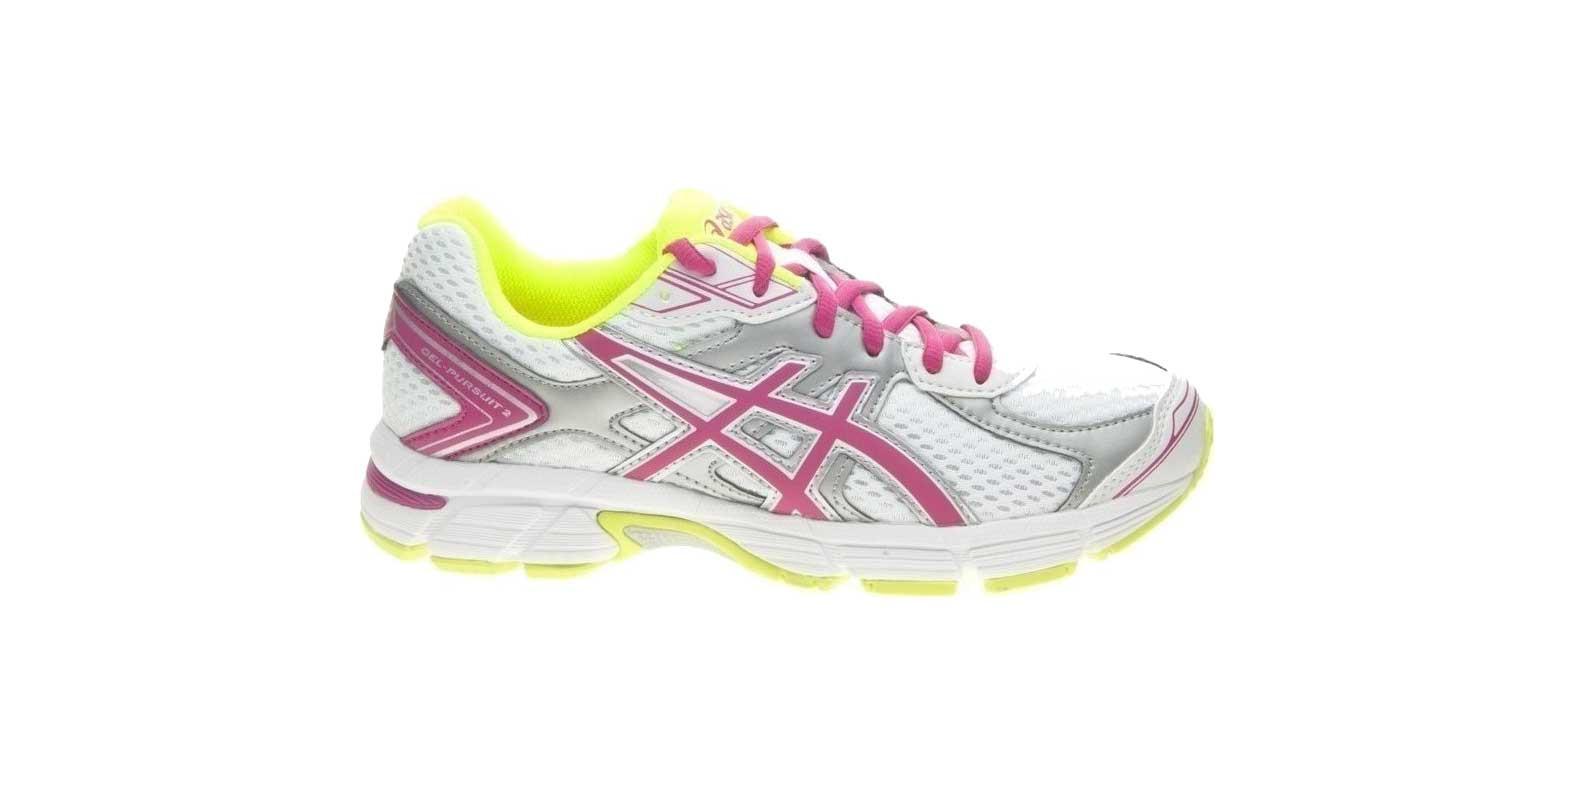 Chaussures de running Gel pursuit 2 par Asics pour Femme